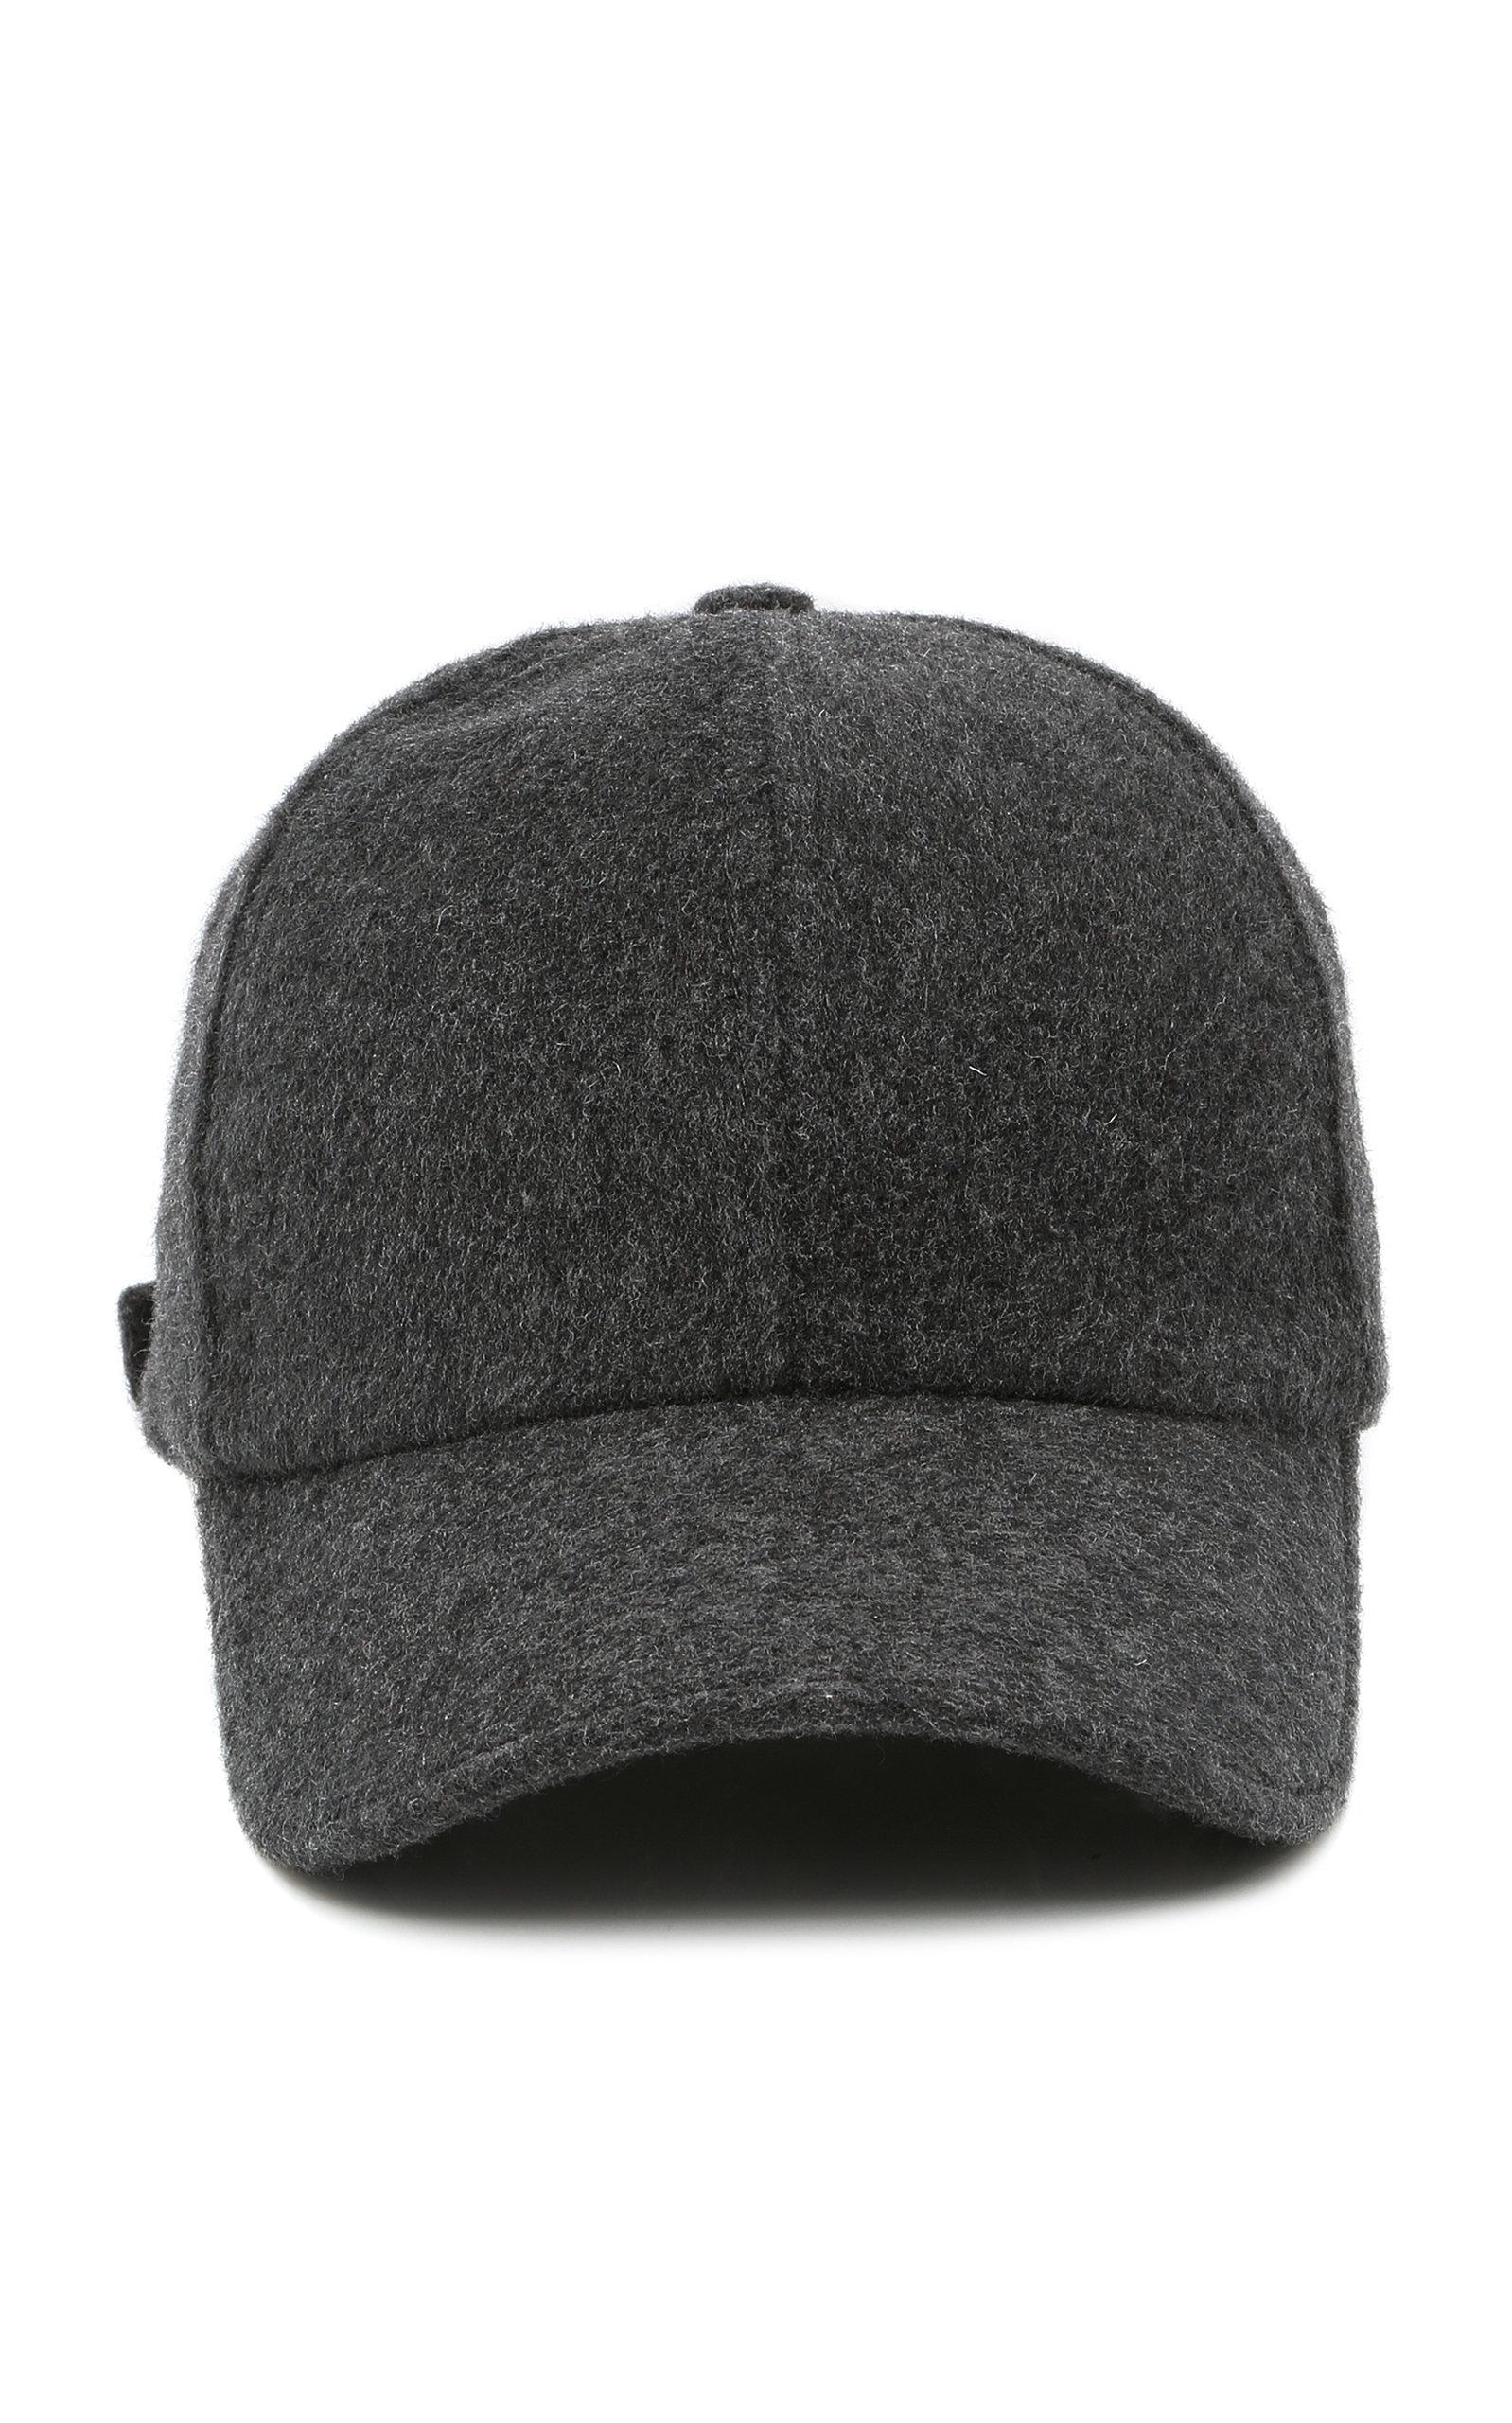 b6737af8614 Officine GénéraleWool-Cashmere Baseball Cap. CLOSE. Loading